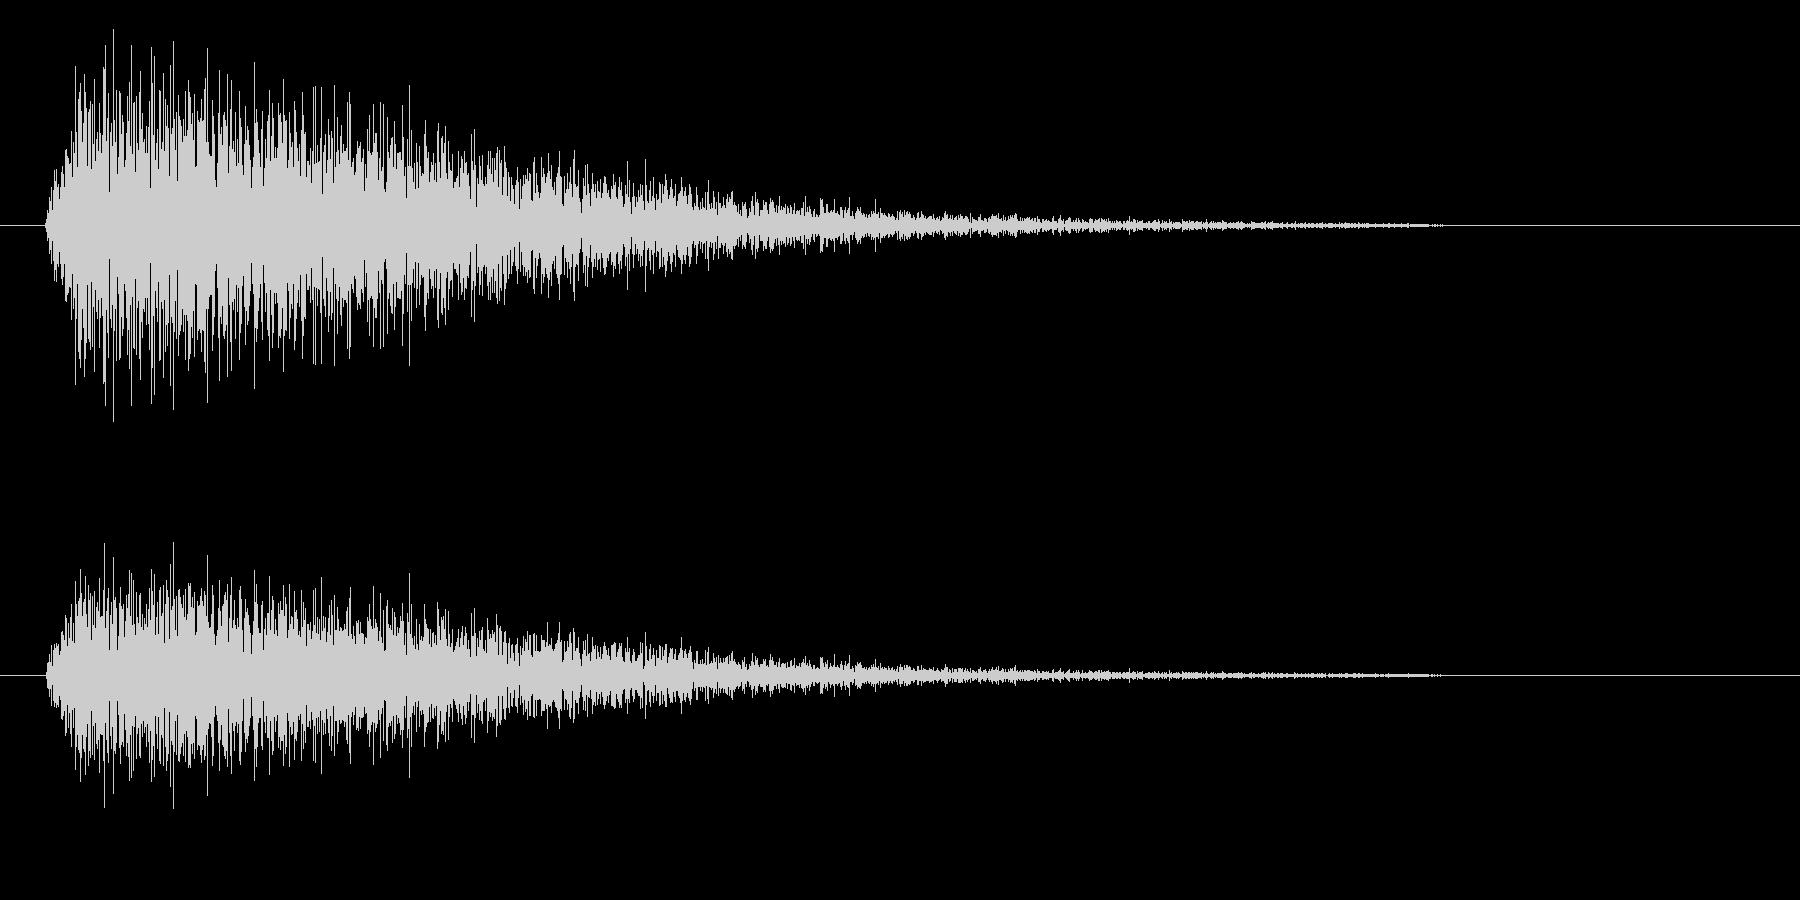 ジンというシンバルの高い音の未再生の波形